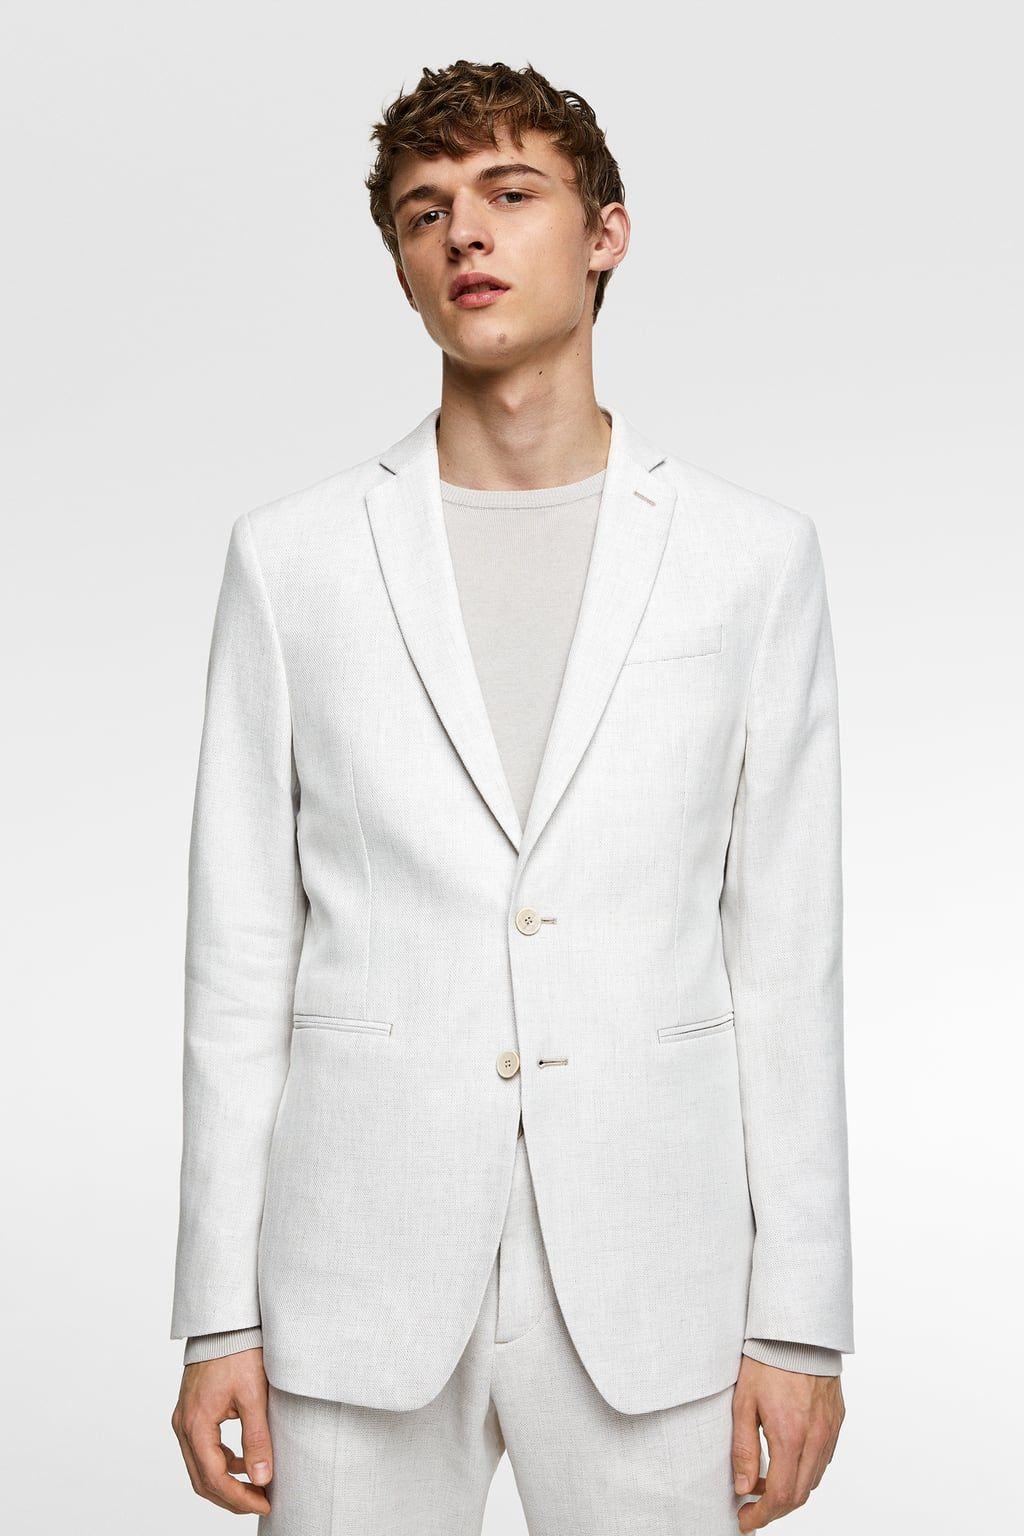 Blazer traje rústico | Trajes rústicos, Trajes y Blazers